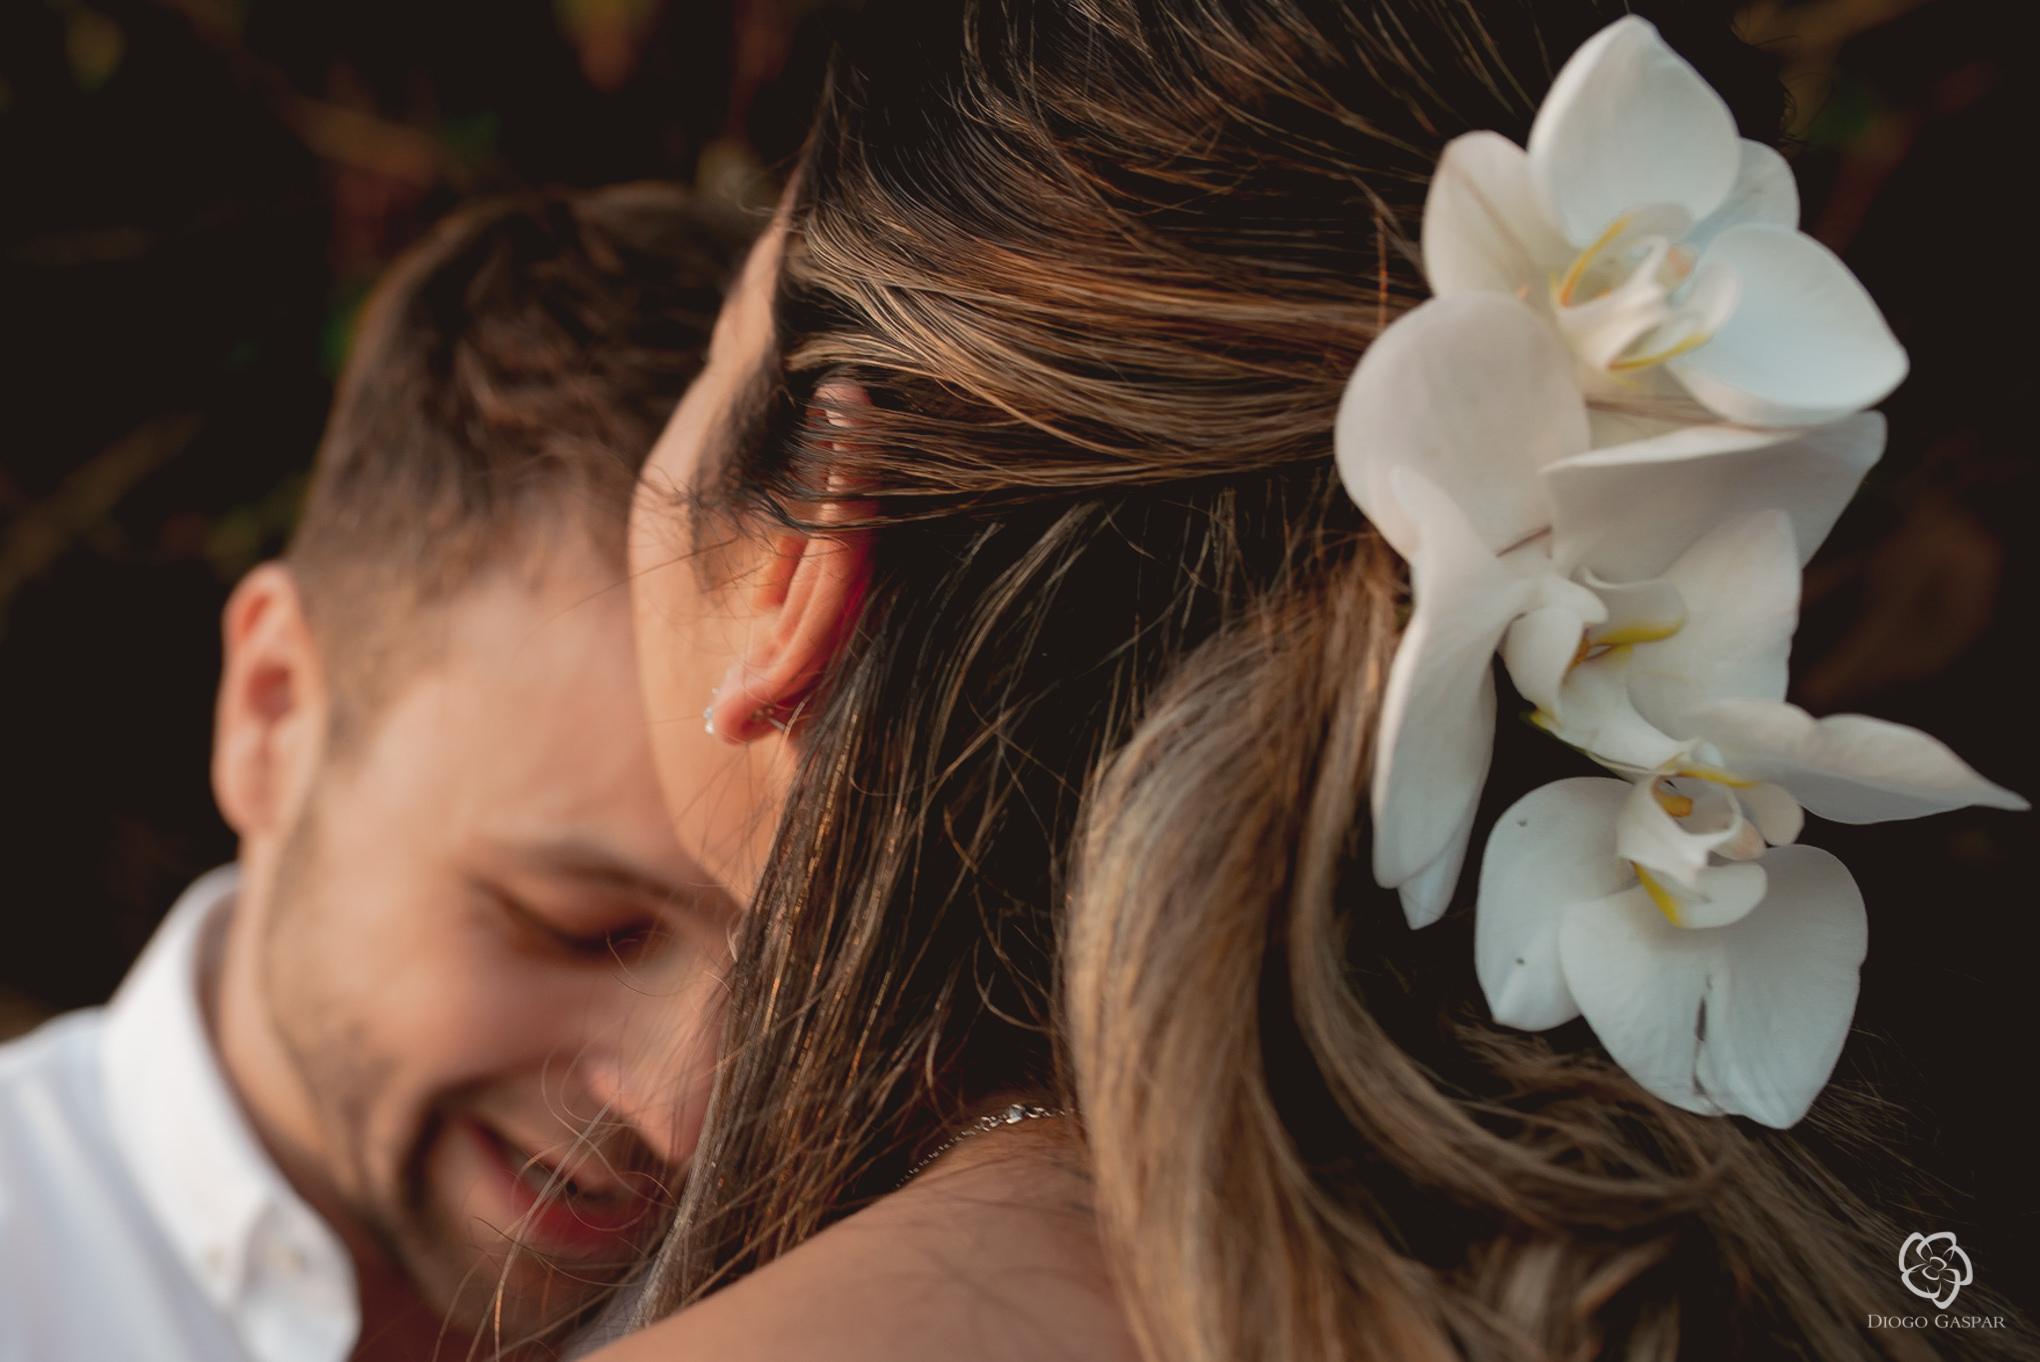 31052017_Secret_Wedding_Verônica_e_Luiz_405.jpg